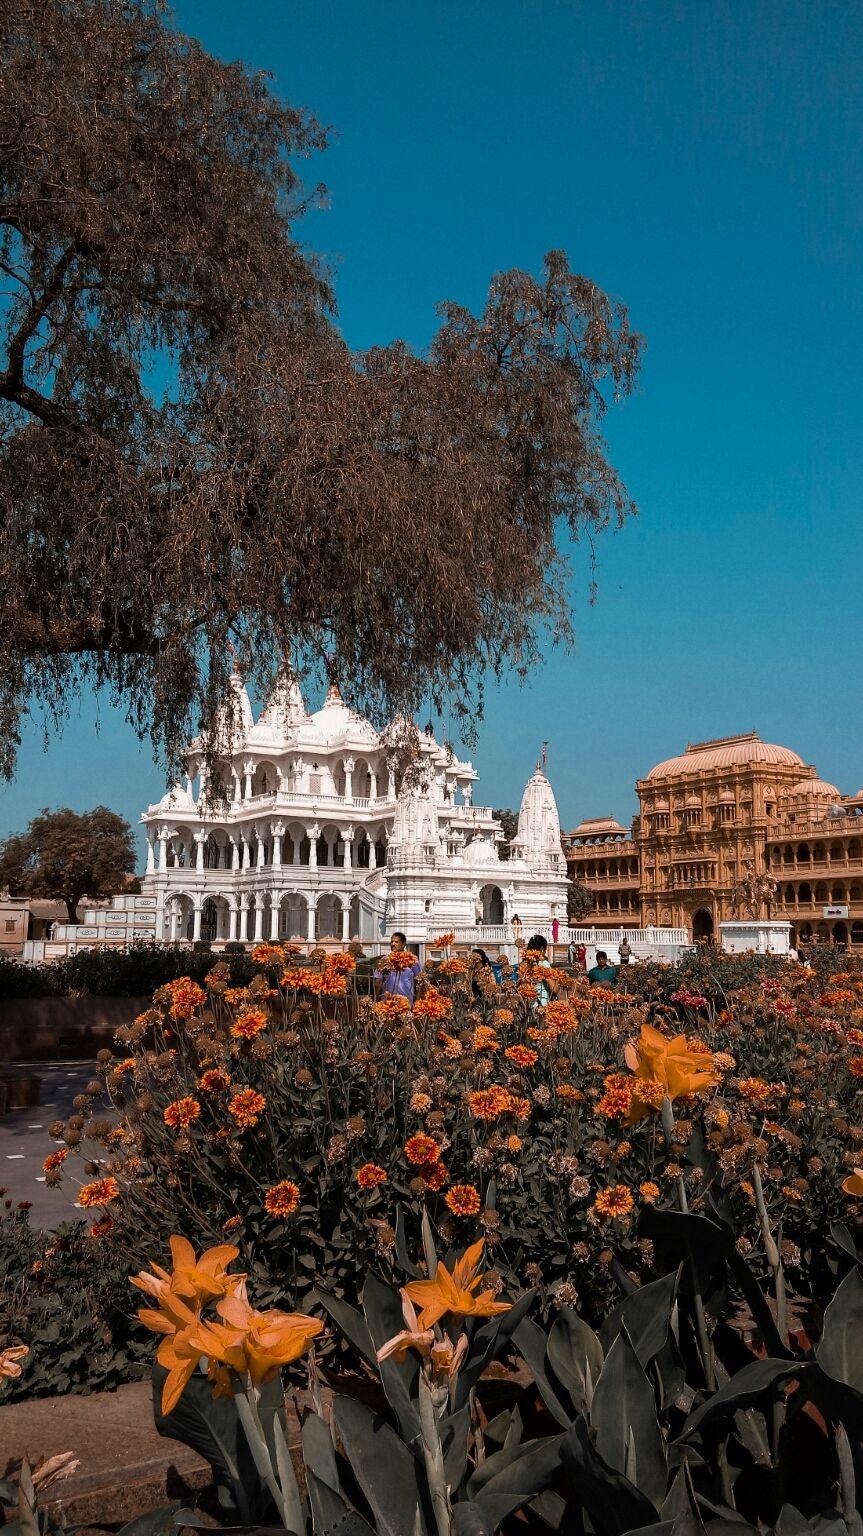 Photo of BAPS Shri swaminarayan mandir By Harikrishna Khadela